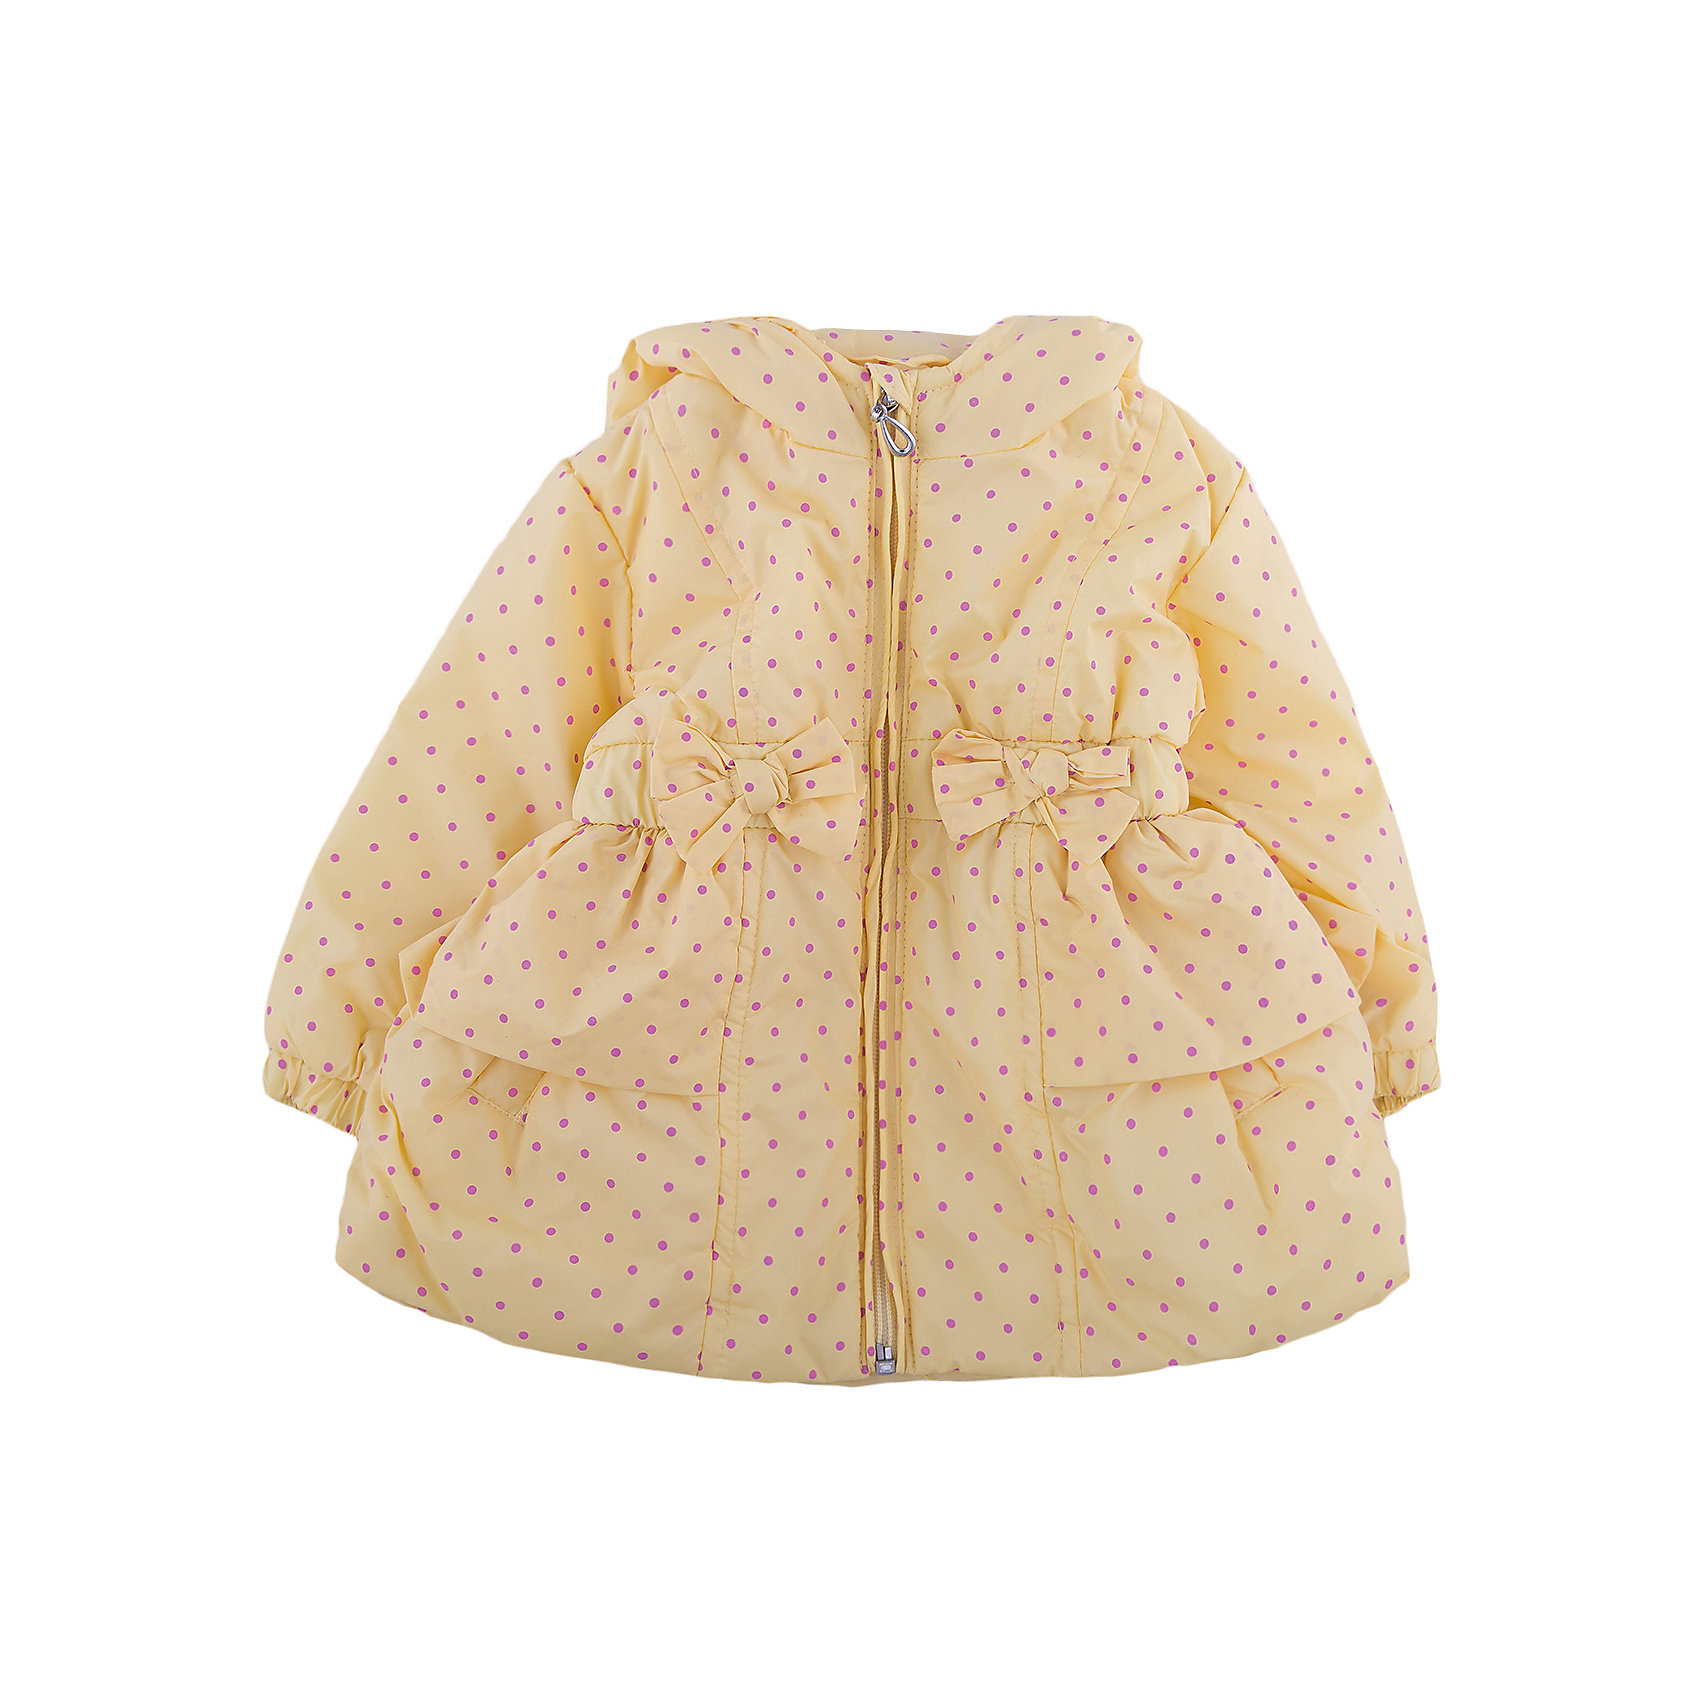 Куртка для девочки WojcikВерхняя одежда<br>Характеристики товара:<br><br>• цвет: желтый<br>• состав ткани: полиэстер<br>• длинные рукава<br>• капюшон<br>• температурный режим: от +10 до +20<br>• застежка: молния<br>• сезон: демисезон<br>• страна бренда: Польша<br>• страна изготовитель: Польша<br><br>Польская одежда для детей от бренда Войчик - это качественные и стильные вещи. Желтая куртка для девочки Войчик отличается модным кроем и актуальным в этом сезоне цветом. <br><br>Эта модель одежды для детей сделана из качественного материала, подкладка - из дышащего натурального хлопка. Куртка дополнена удобным капюшоном.<br><br>Куртку для девочки Wojcik (Войчик) можно купить в нашем интернет-магазине.<br><br>Ширина мм: 356<br>Глубина мм: 10<br>Высота мм: 245<br>Вес г: 519<br>Цвет: желтый<br>Возраст от месяцев: 6<br>Возраст до месяцев: 9<br>Пол: Женский<br>Возраст: Детский<br>Размер: 74,68<br>SKU: 5588300